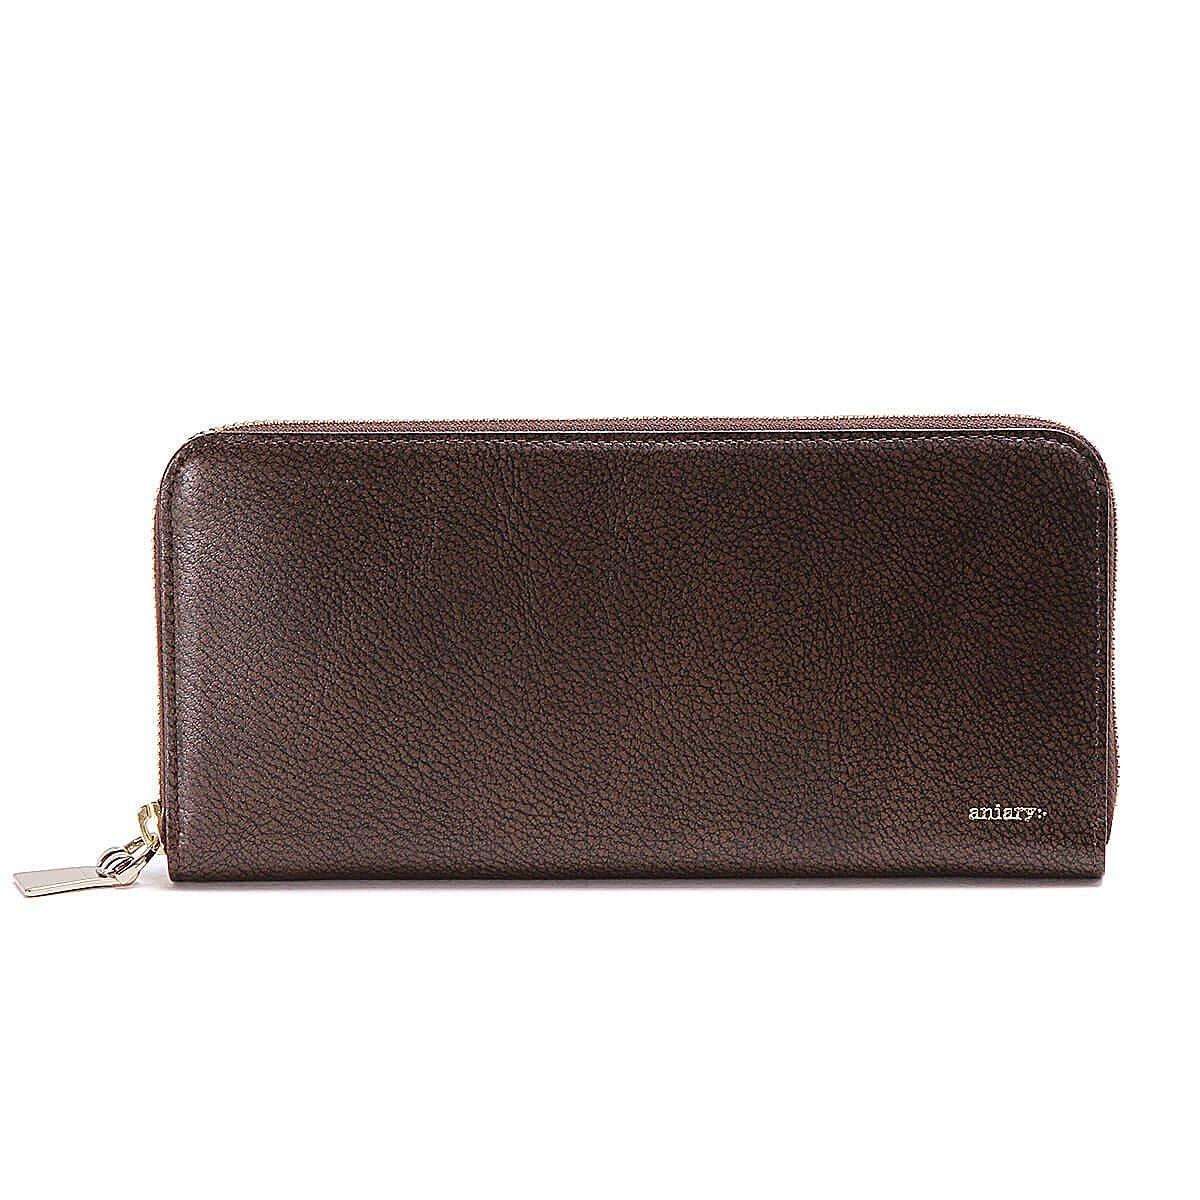 アニアリ 長財布 ラウンドL Zip Bill Holder Grind Leather 15-20003 B07DT4Z5MQ  ブラウン